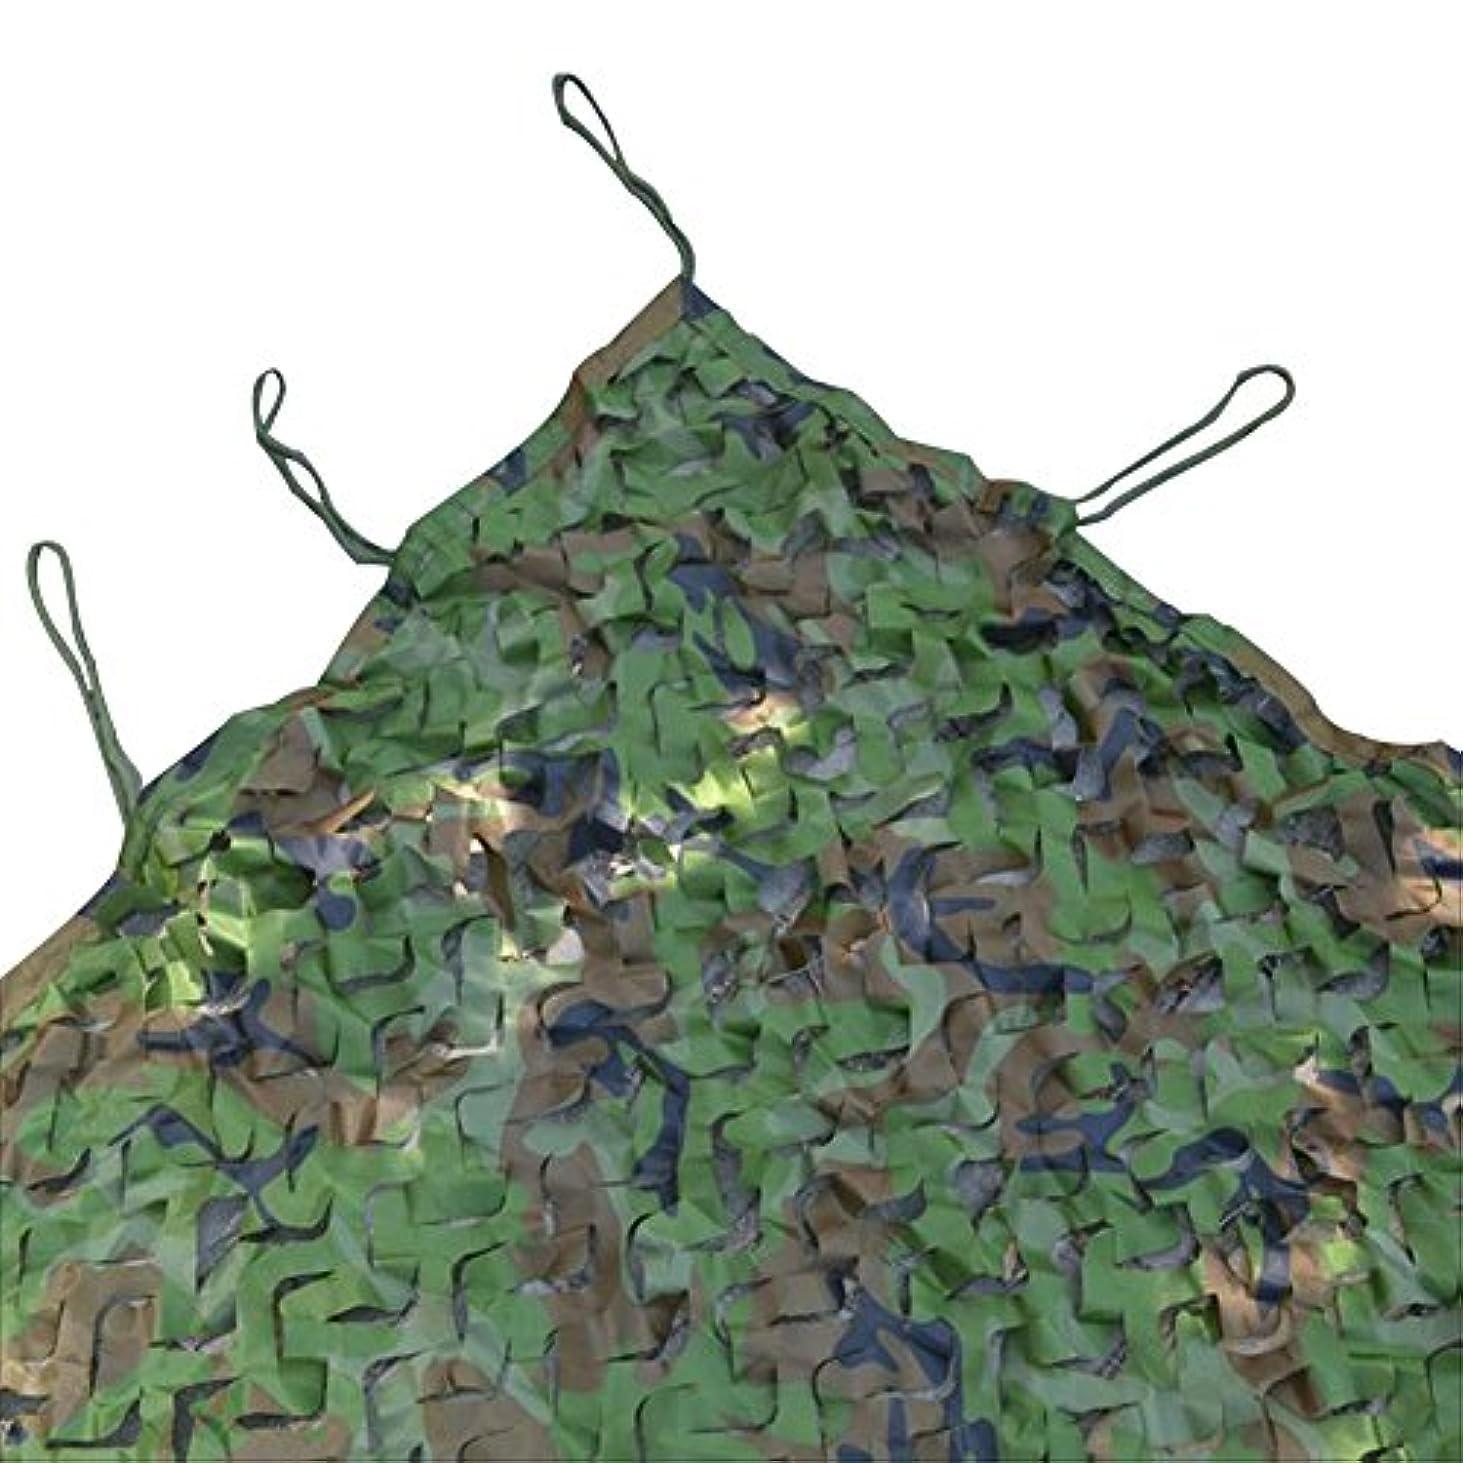 ミスペンドカブルビーZEMIN オーニングシェード遮光ネット サンシェード 日よけネット 暗号化 210D ジャングル 迷彩 シェード 覆土 緑 松葉、 複数のサイズ (色 : 緑, サイズ さいず : 3 x 3m)